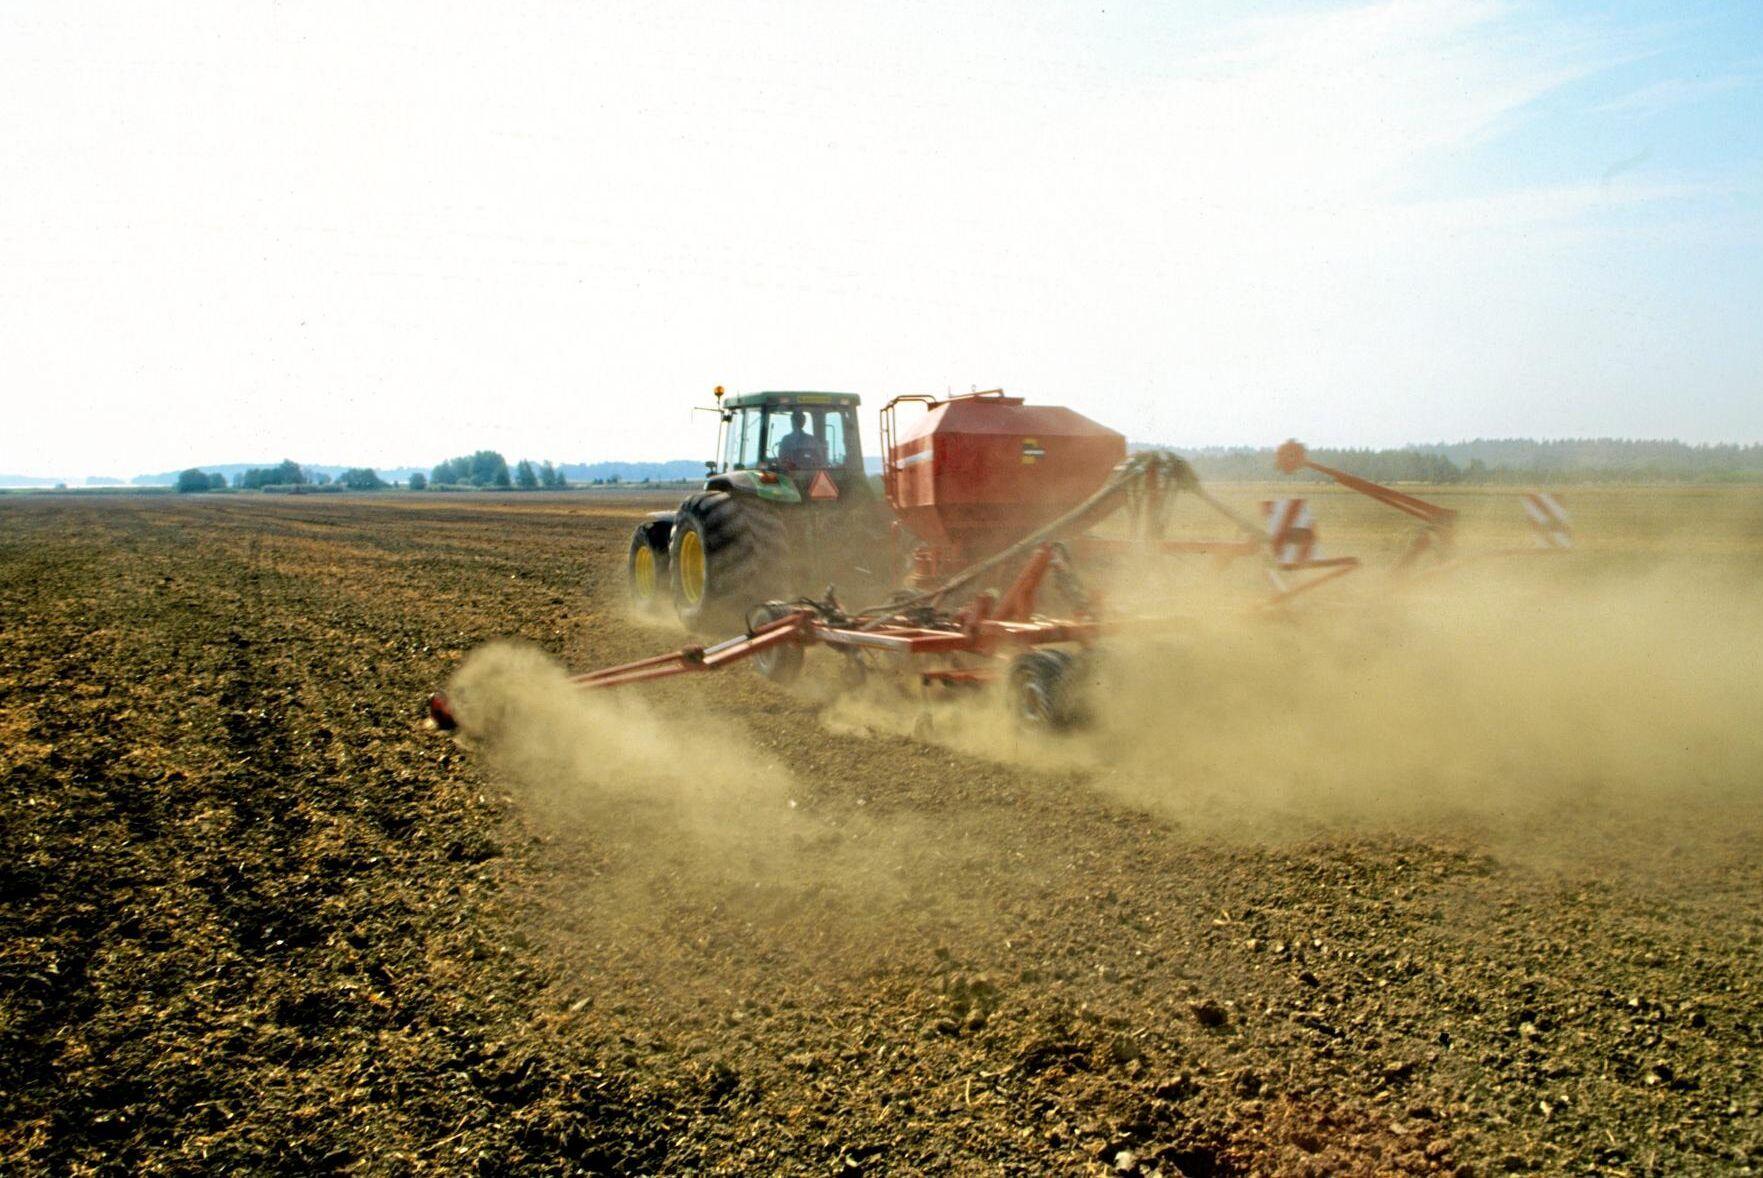 Fjolårets rekord är ett minne blott, i år ser höstsådden ut att bli mycket mindre på grund av leriga fält och blött väder.